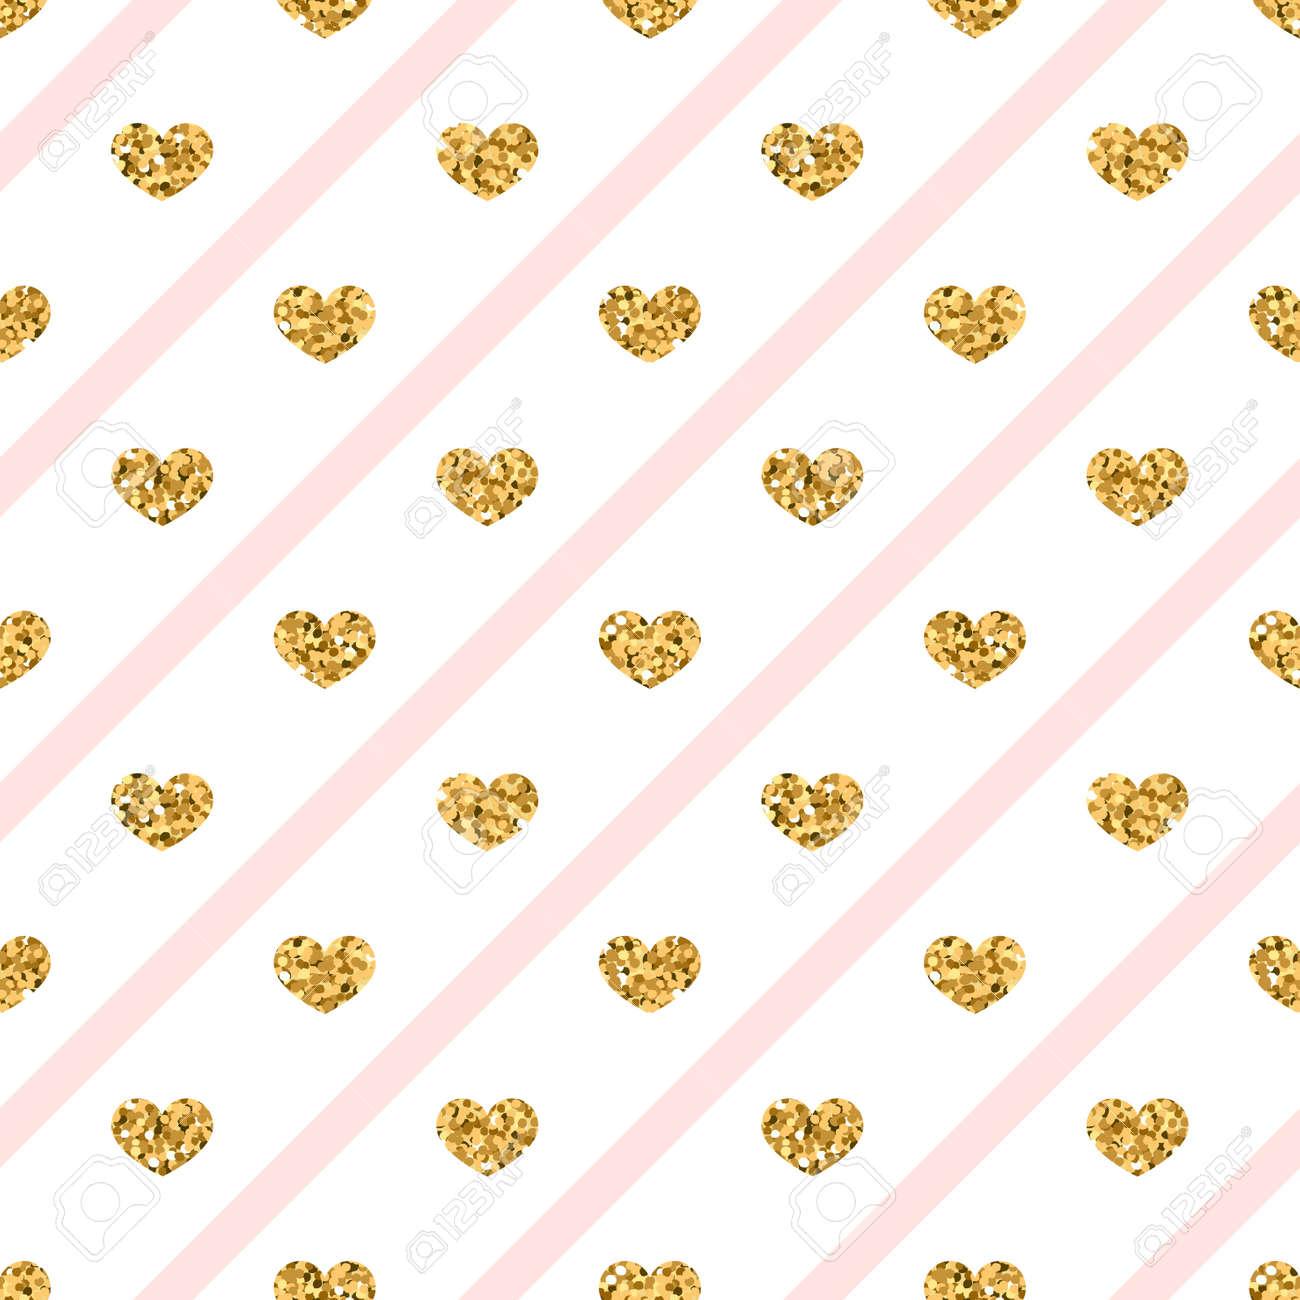 Modele Sans Couture Coeur Or C Urs De Confettis D Amour Paillettes